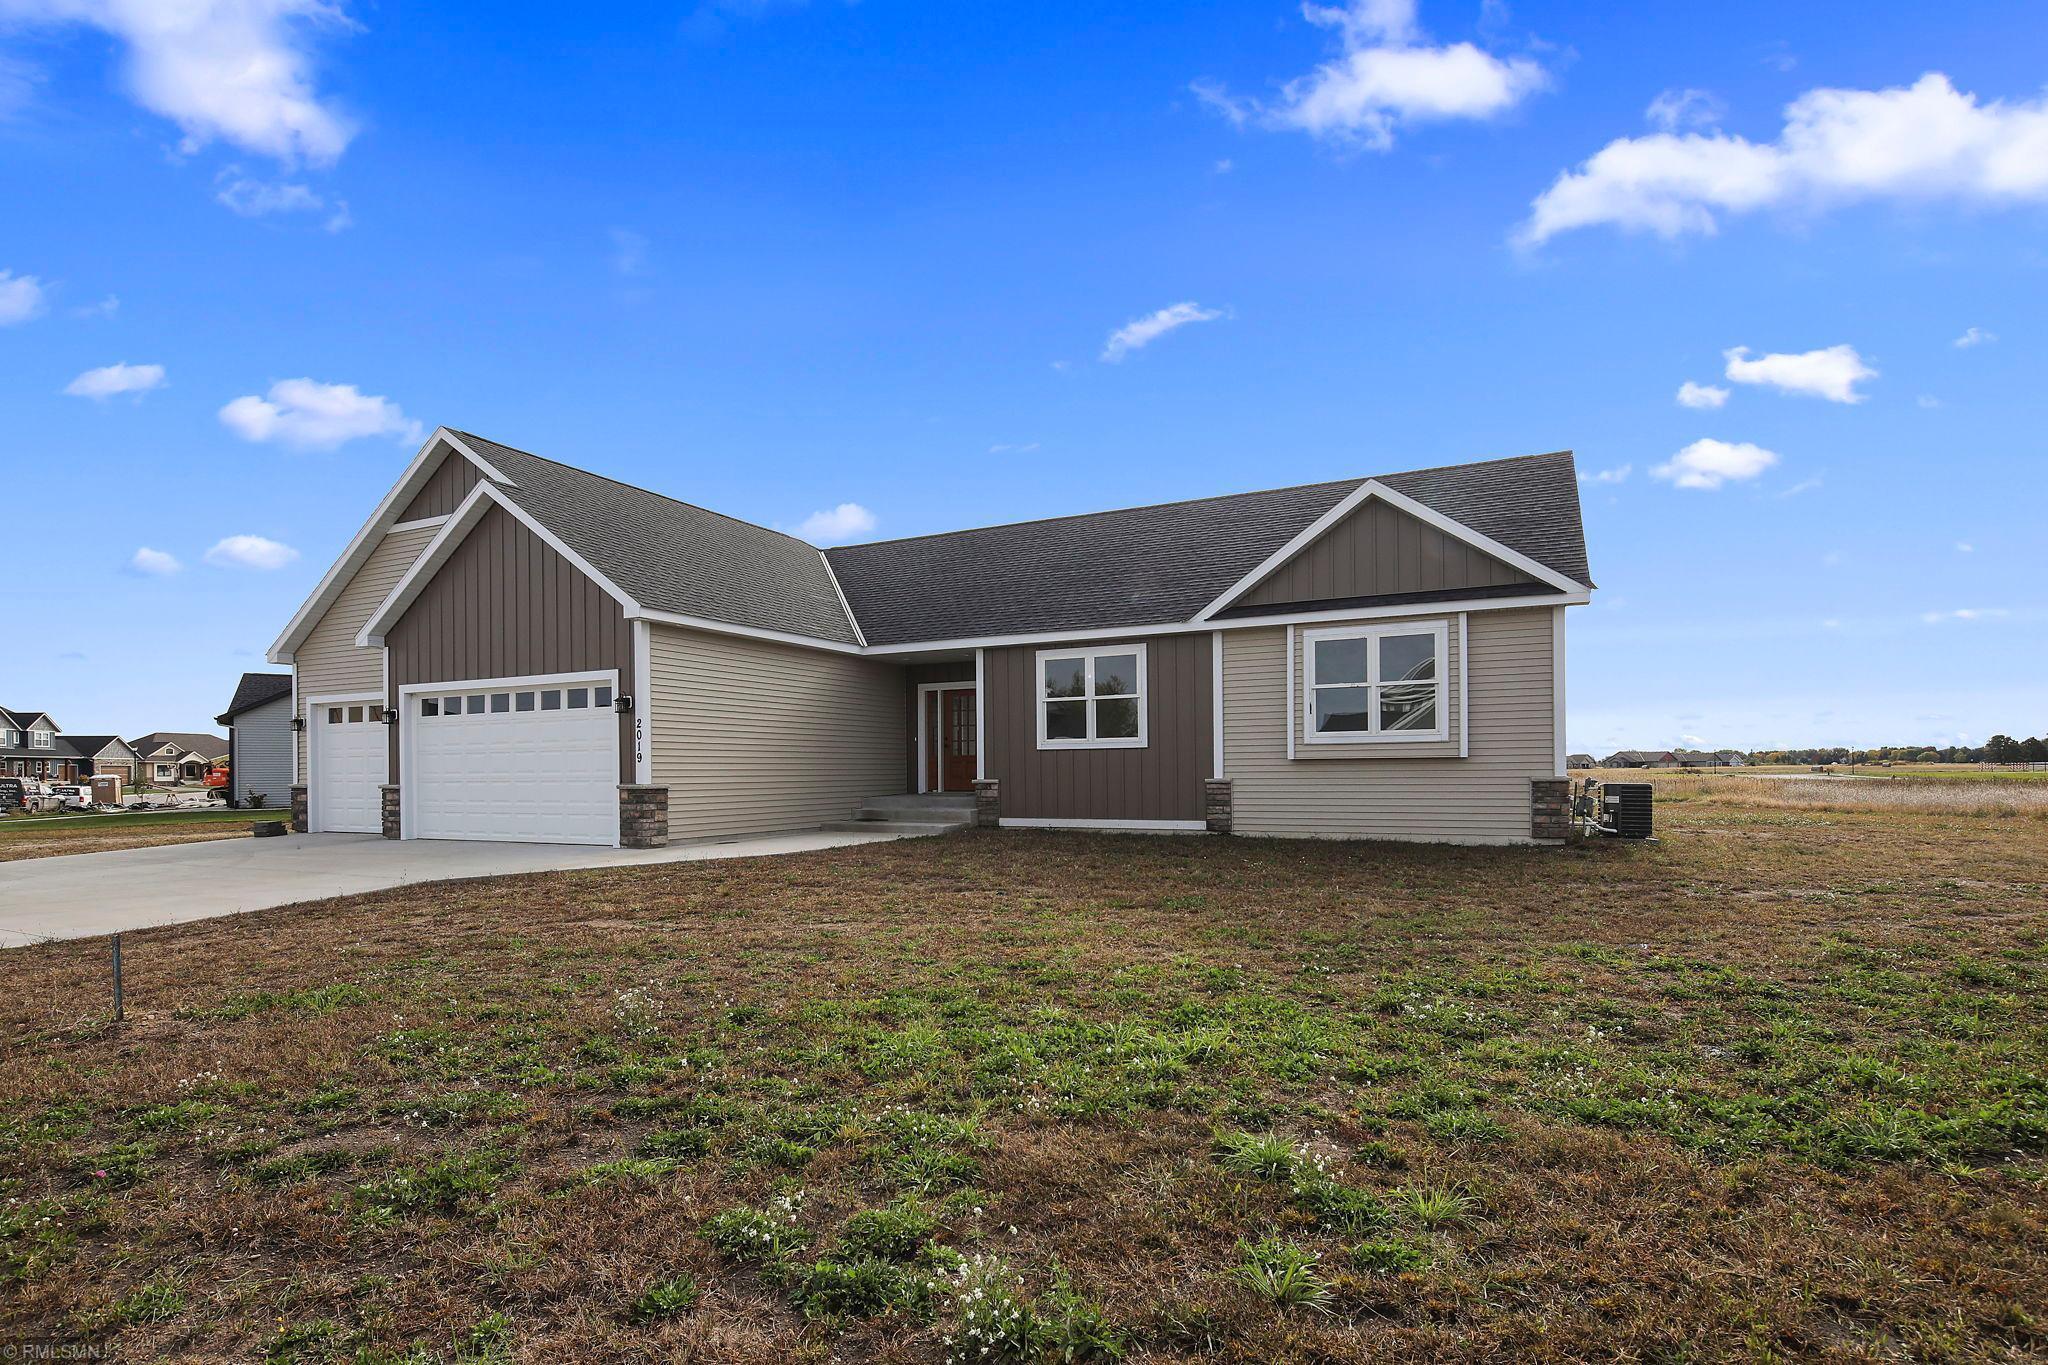 2019 Sandstone Loop N Property Photo - Sartell, MN real estate listing